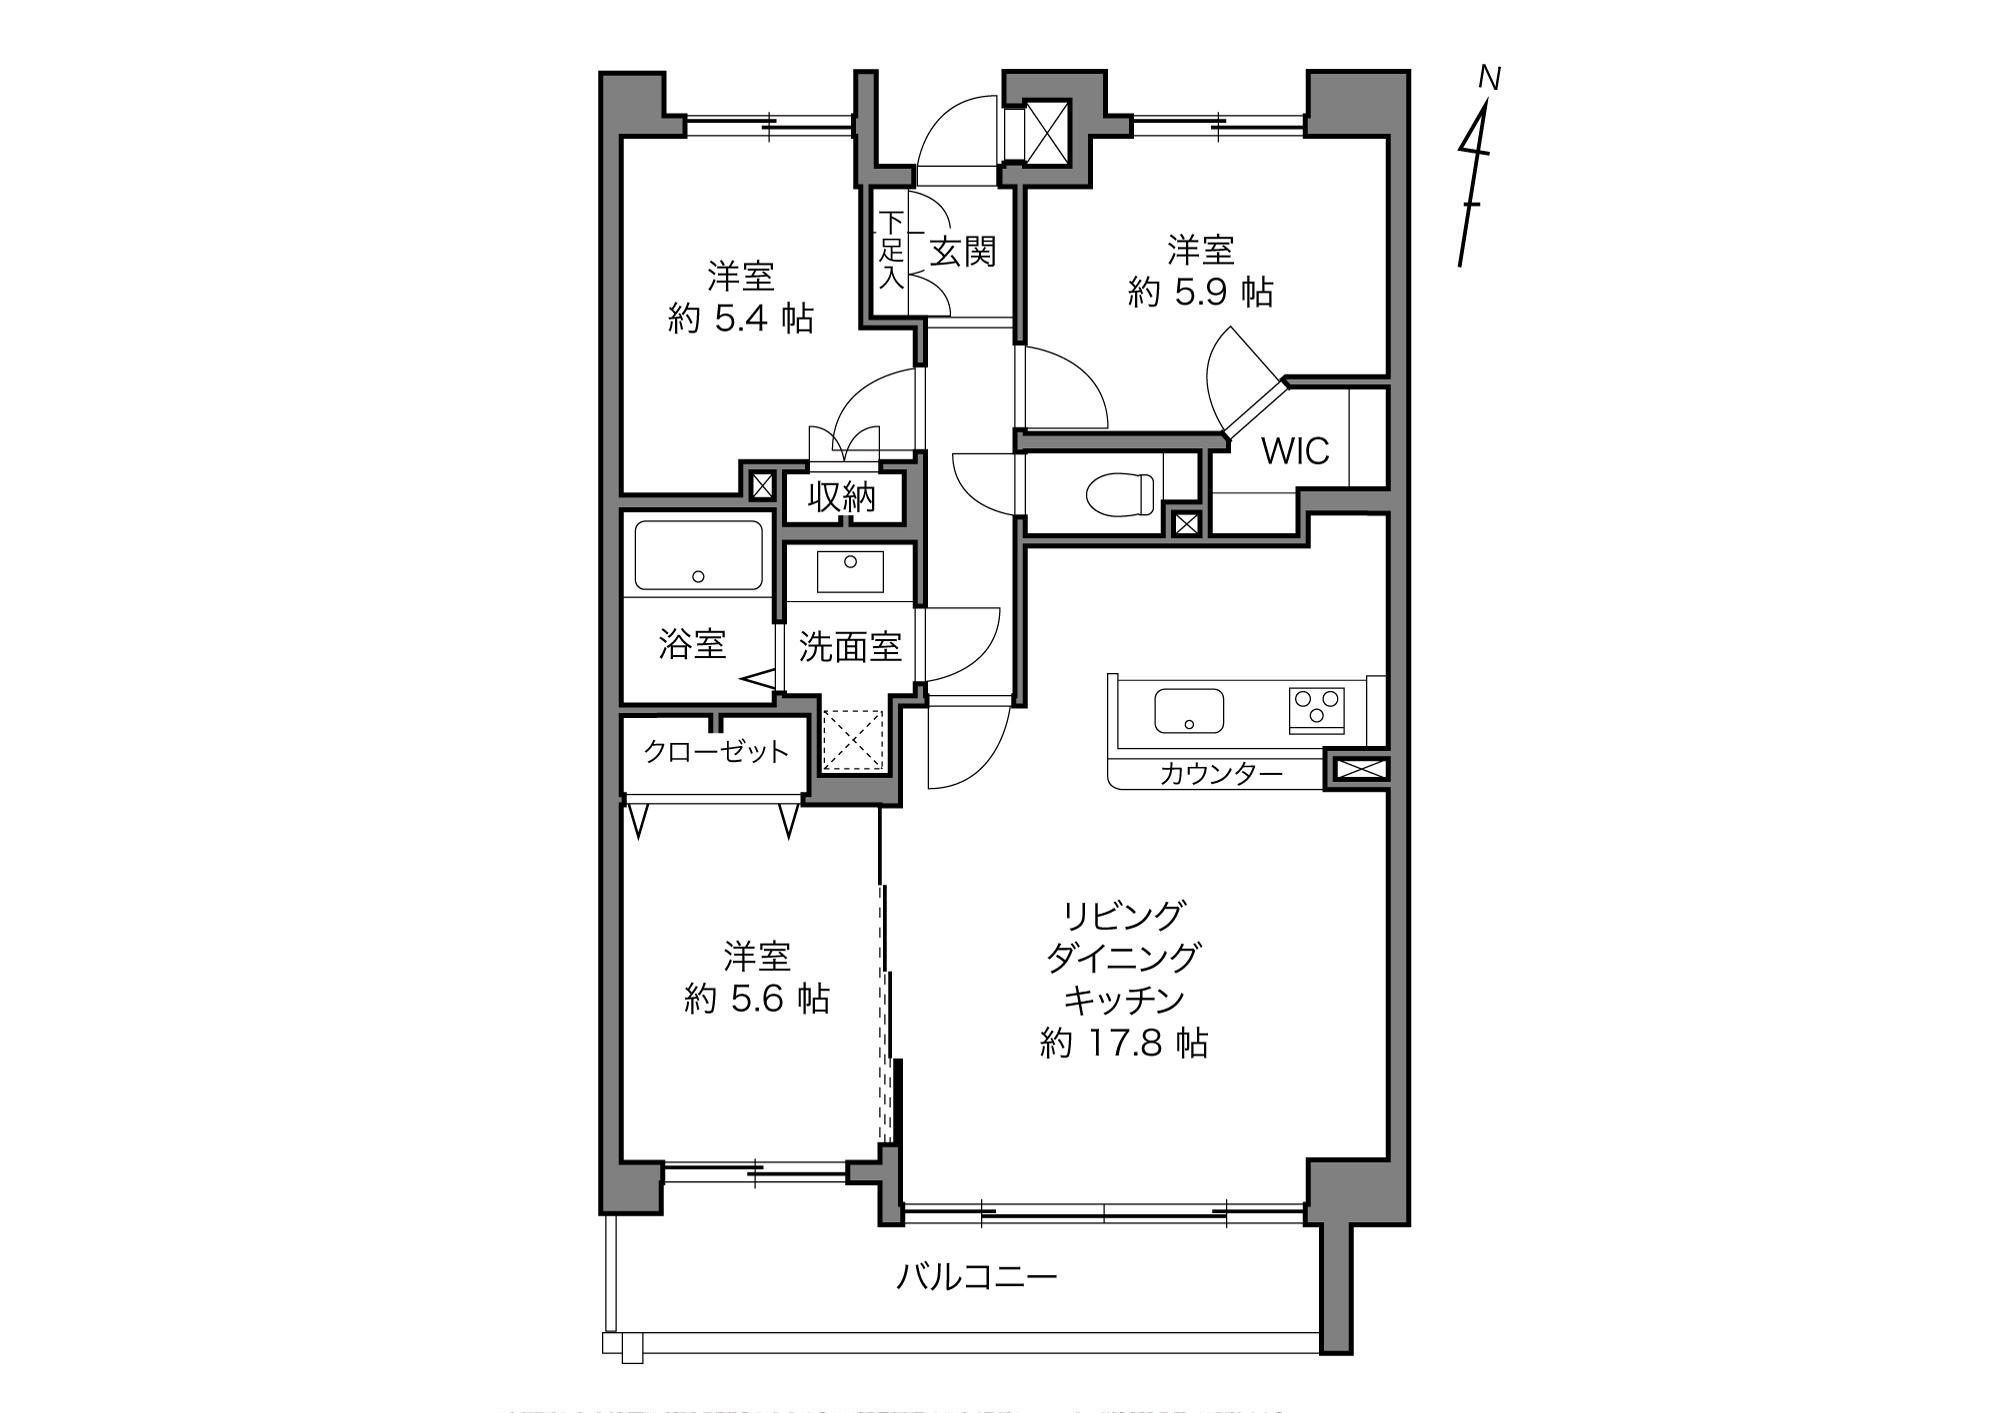 田端駅 / 3LDK+WIC / 76.01㎡